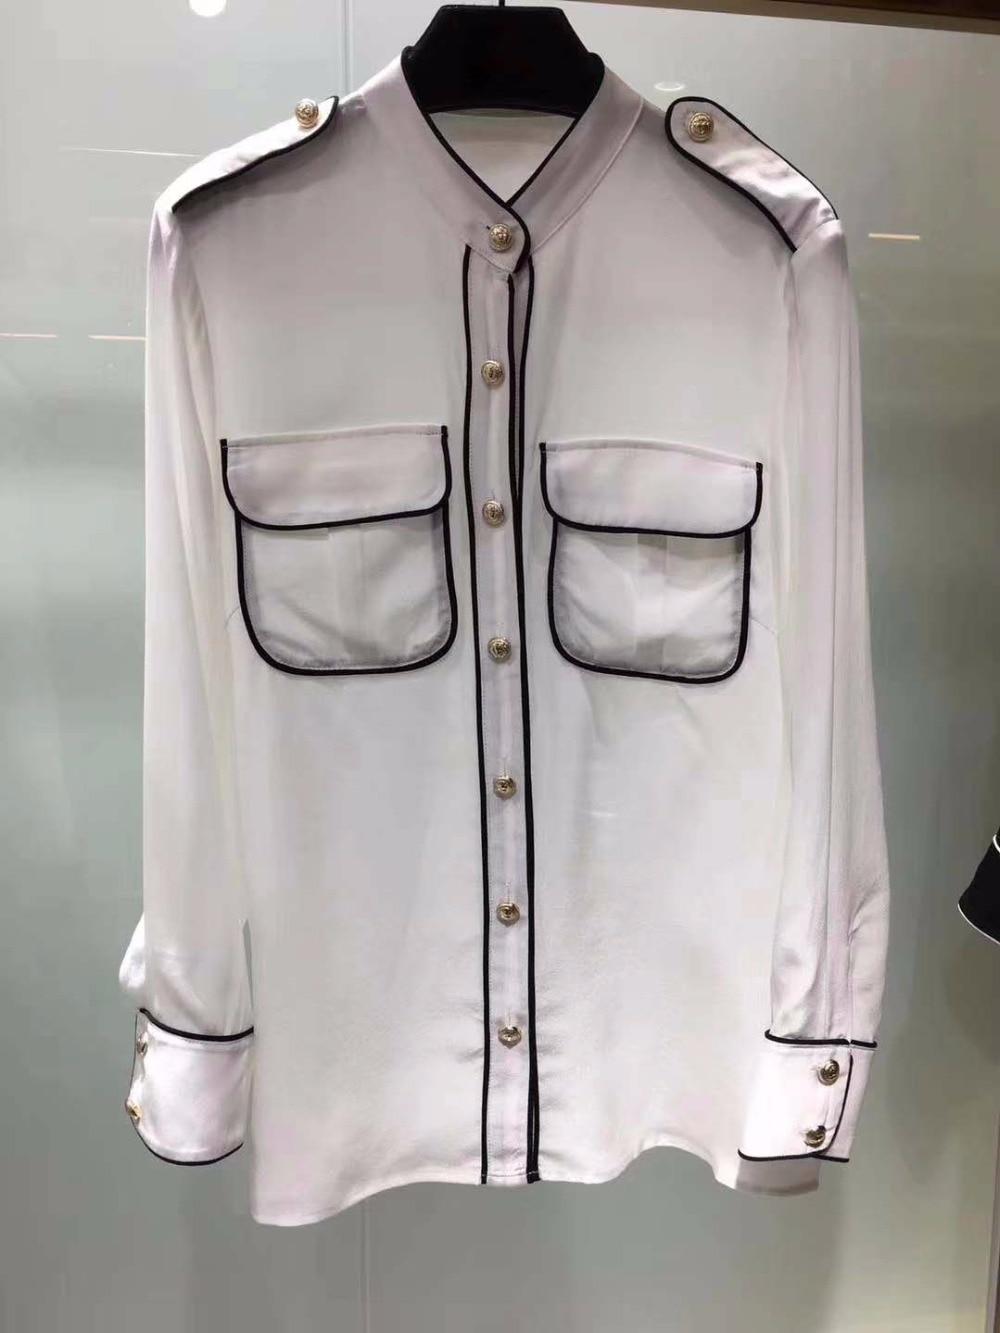 Camisa Oodji Negro Guapo Mujeres Seda Muy Blanco Textura De Mujer Y Tops La 2018 Blusas Buena Moda rBq1rw06